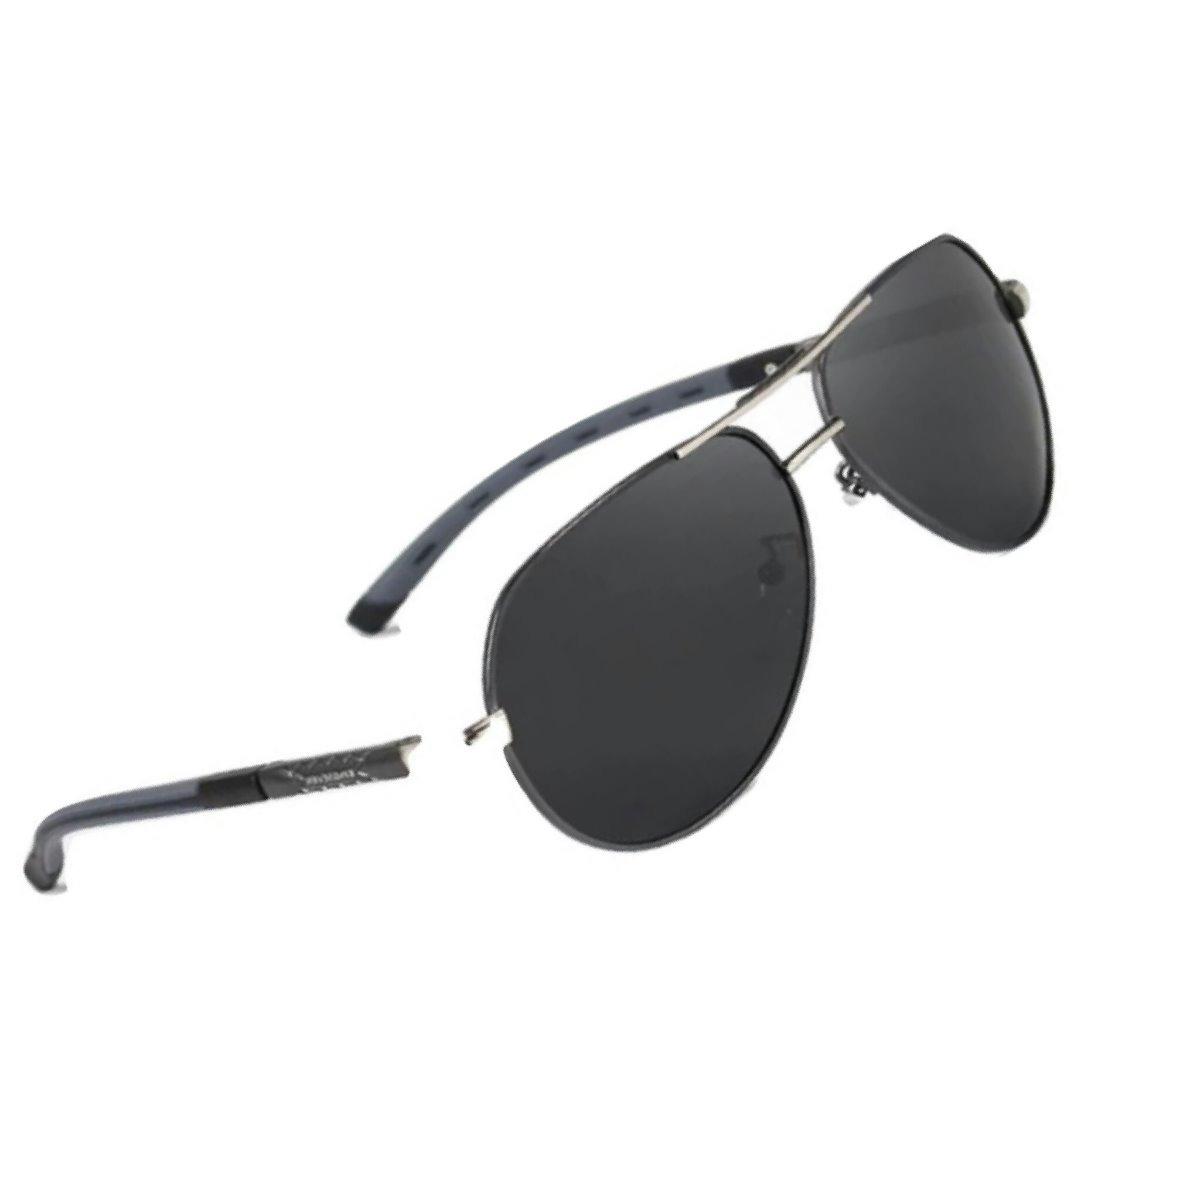 9f5f8a2d5 Óculos De Sol Masculino Piloto - R$ 197,98 em Mercado Livre